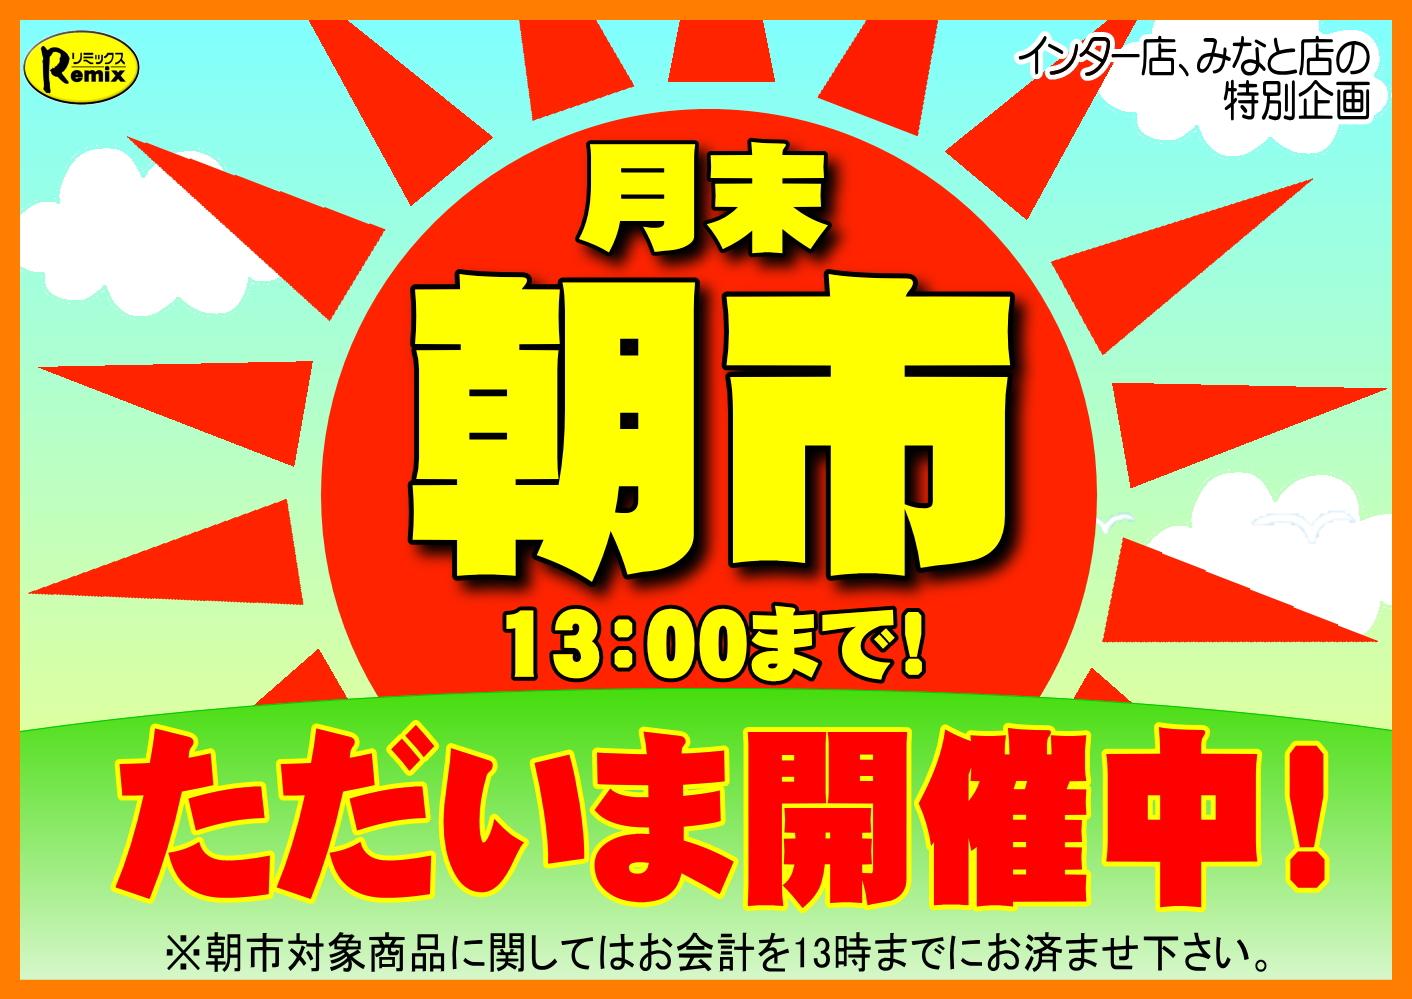 ペポニ@インター店の月末朝市!最大MAX物量にて開催中!!